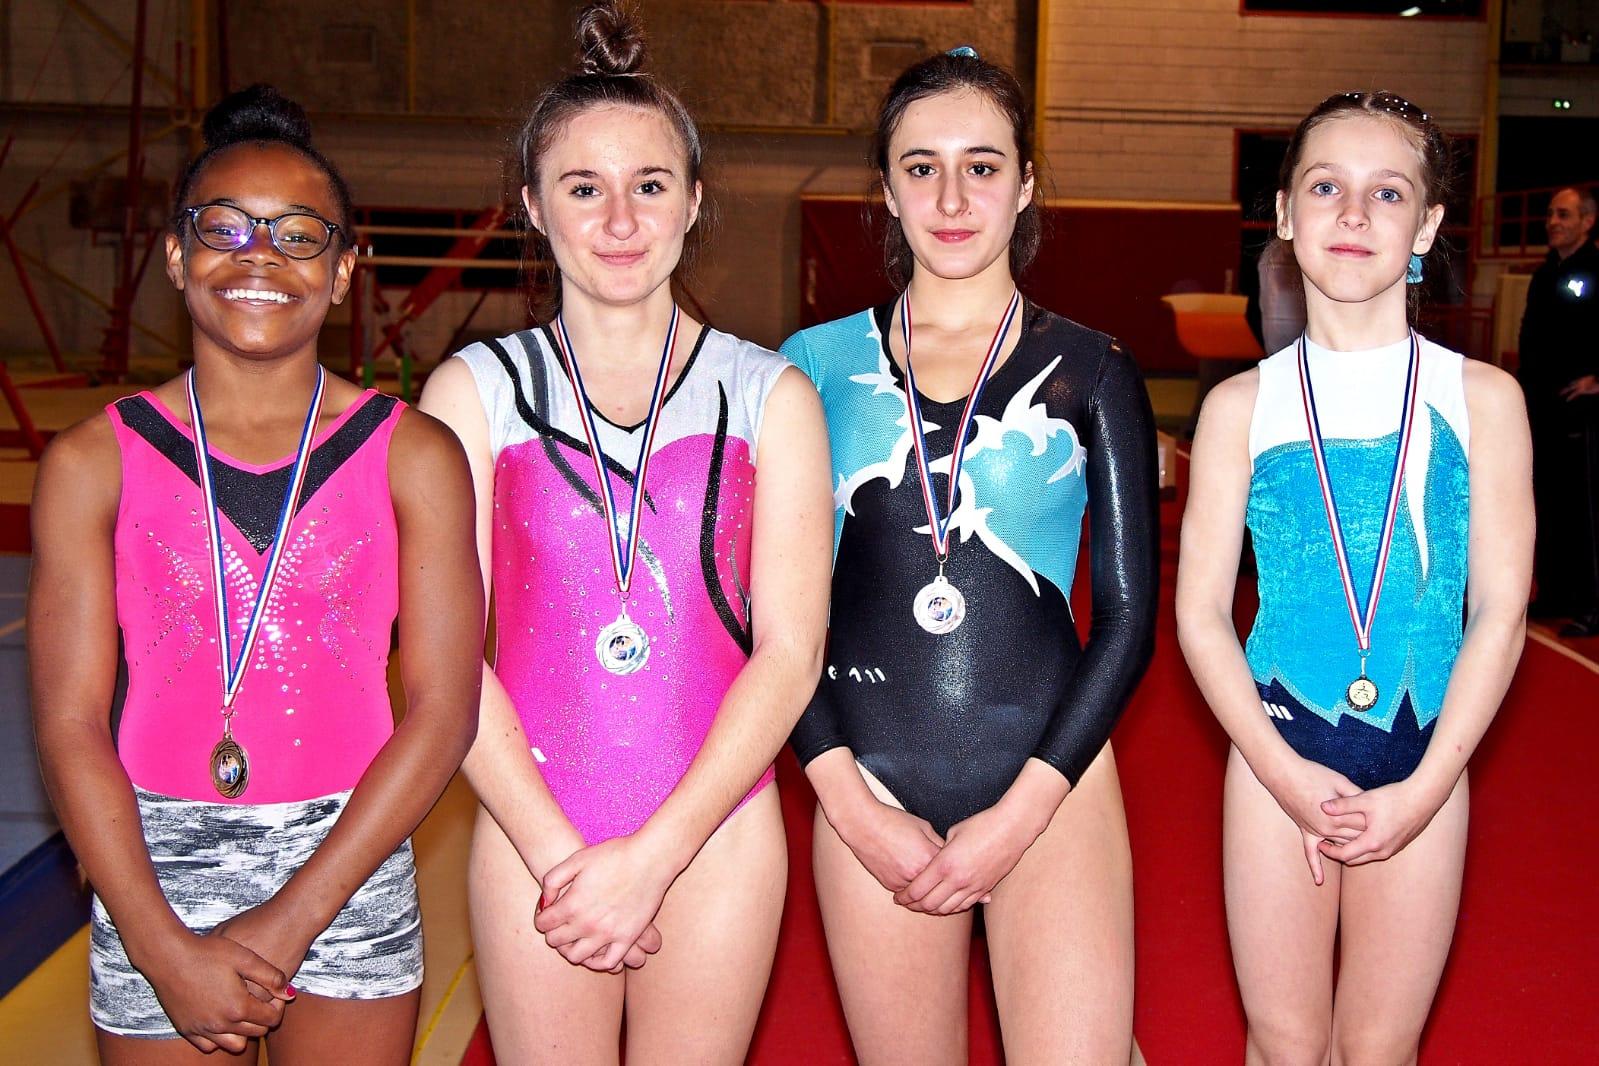 http://usmg-gymnastique.fr/wp-content/uploads/2020/01/LEAN1994.jpg